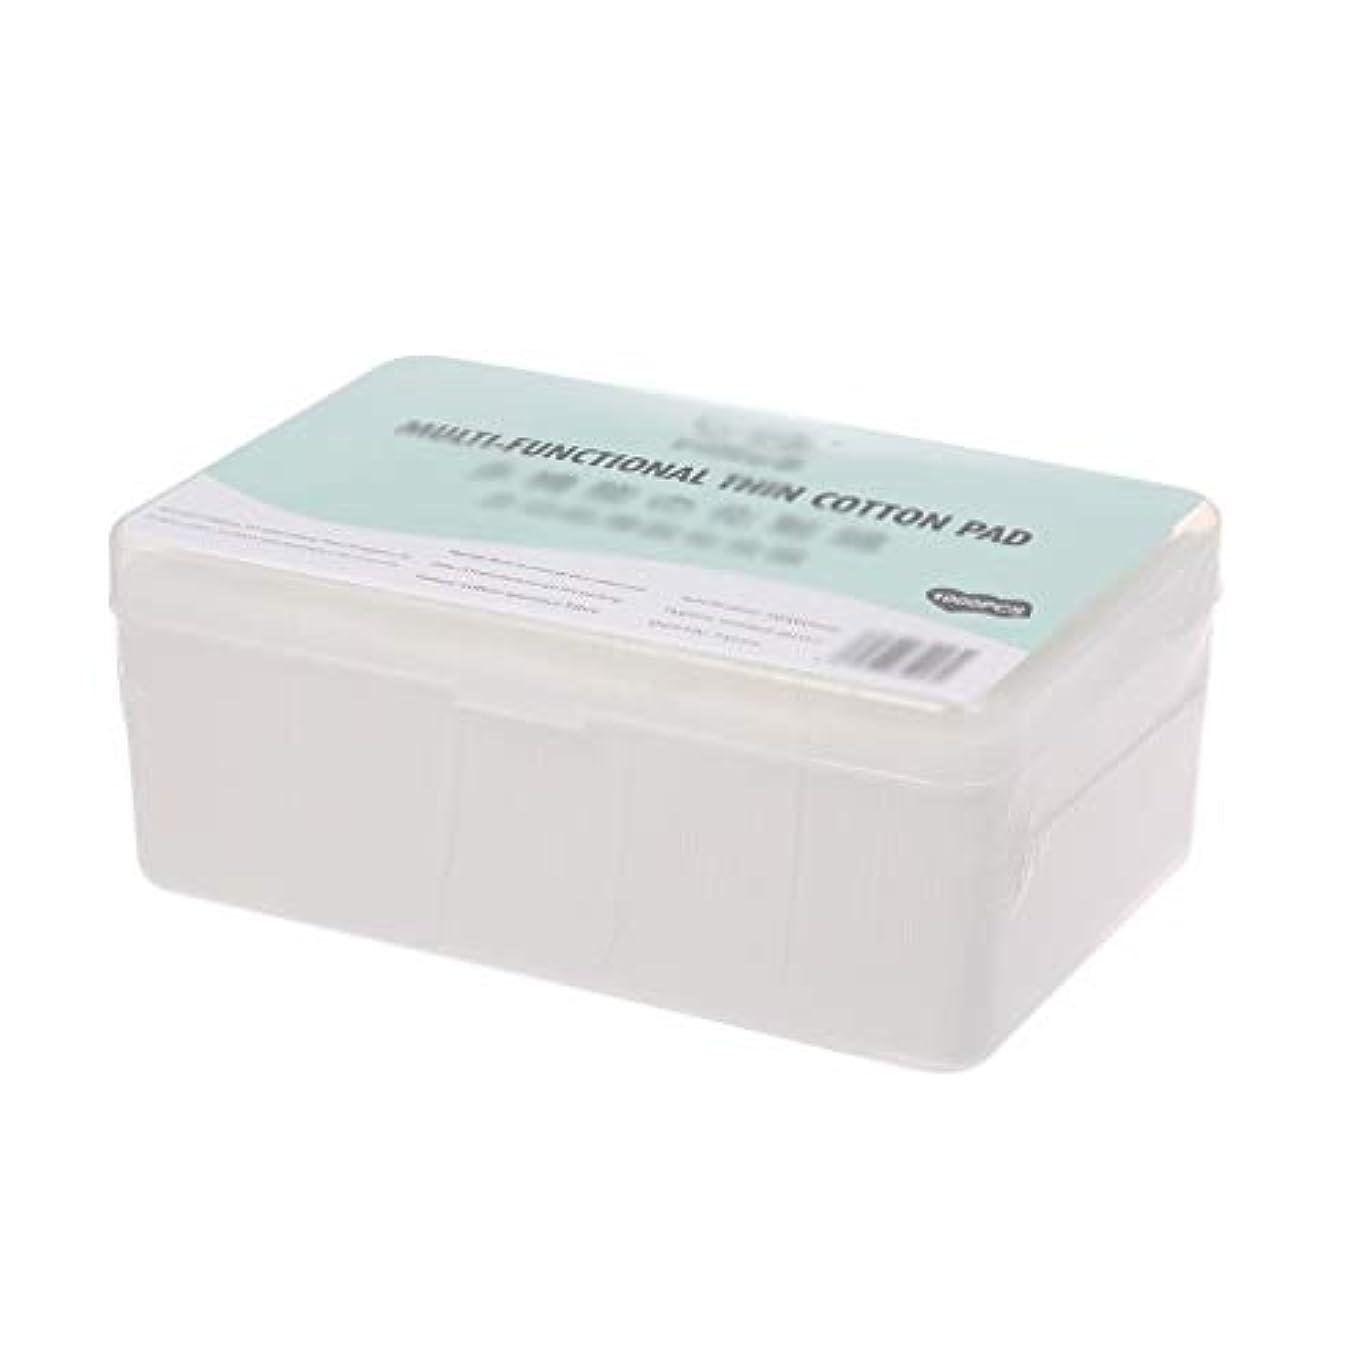 ミュージカル絶望ドームクレンジングシート 1000ピース箱入り使い捨て超薄型コットンメイク落としネイルポリッシュリムーバークレンジングティッシュペーパーペーパー (Color : White, サイズ : 5*6cm)